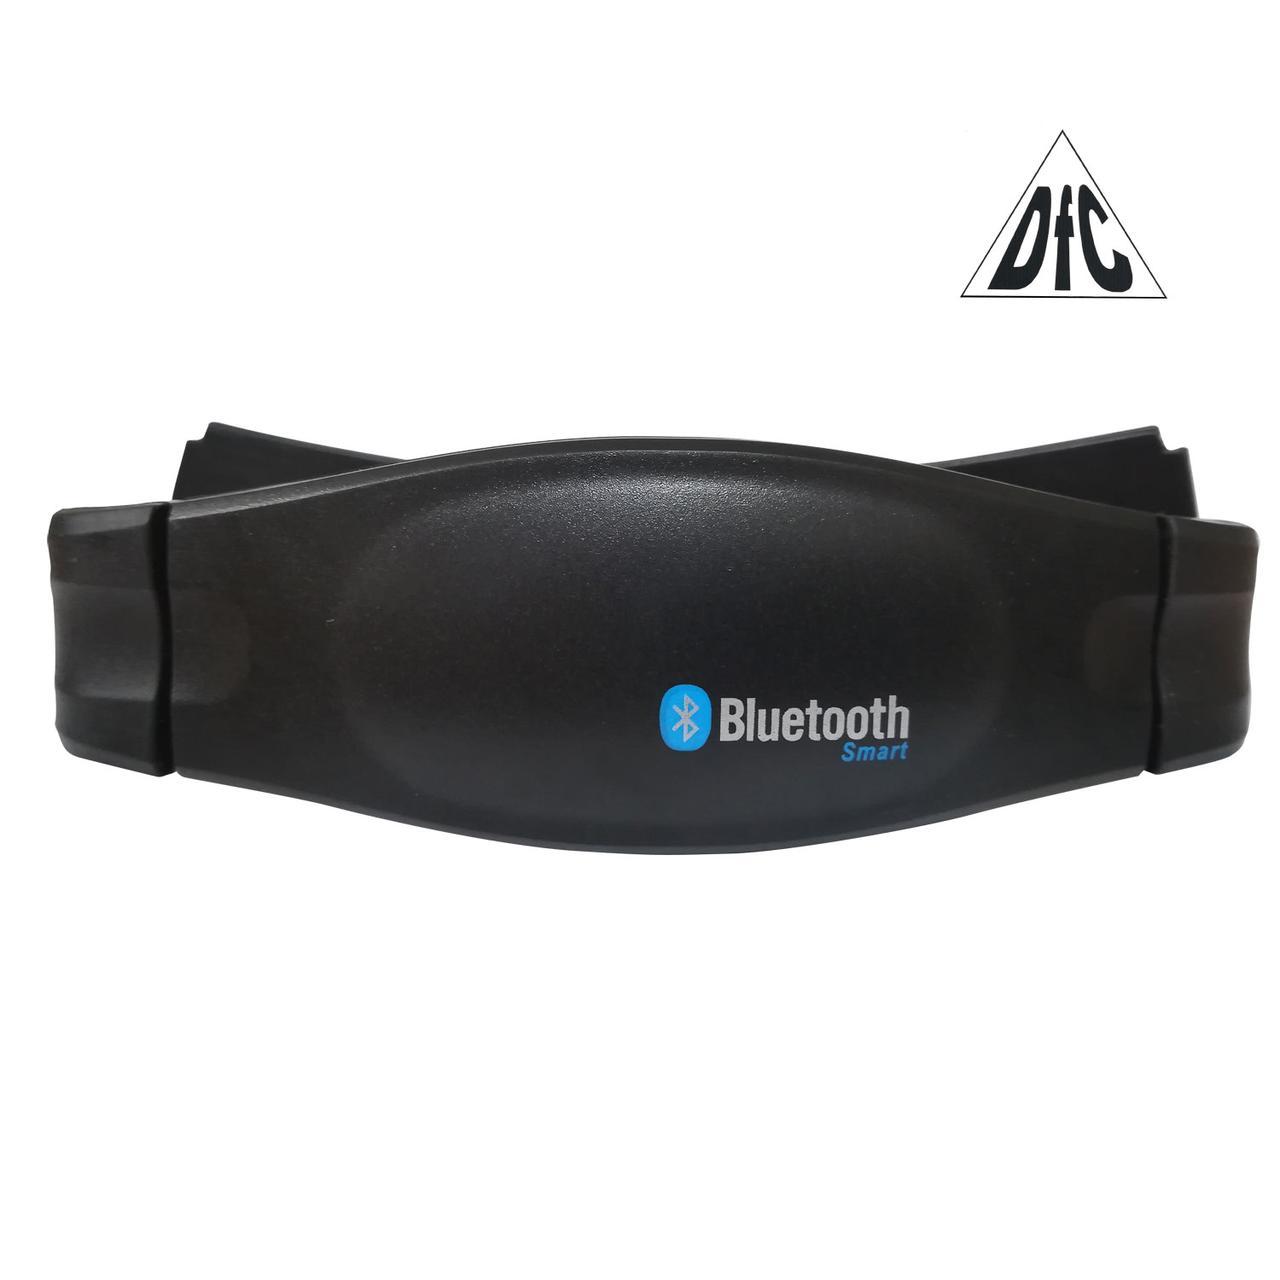 Нагрудный кардиодатчик Bluetooth 4.0 и 5.3кГц DFC W227Q - фото 1